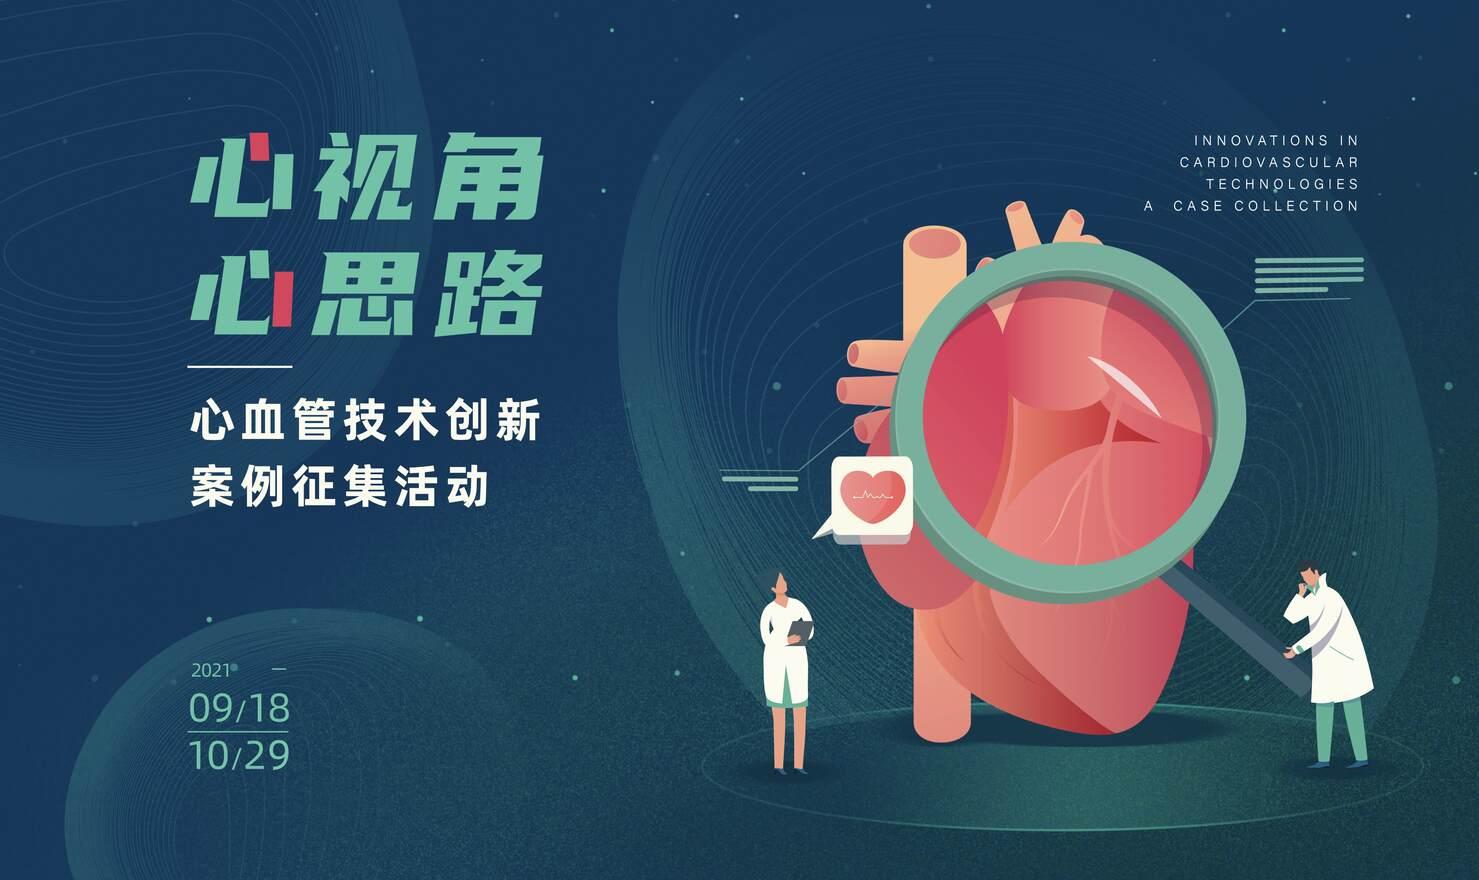 """""""心视角 心思路""""心血管技术创新案例征集活动"""